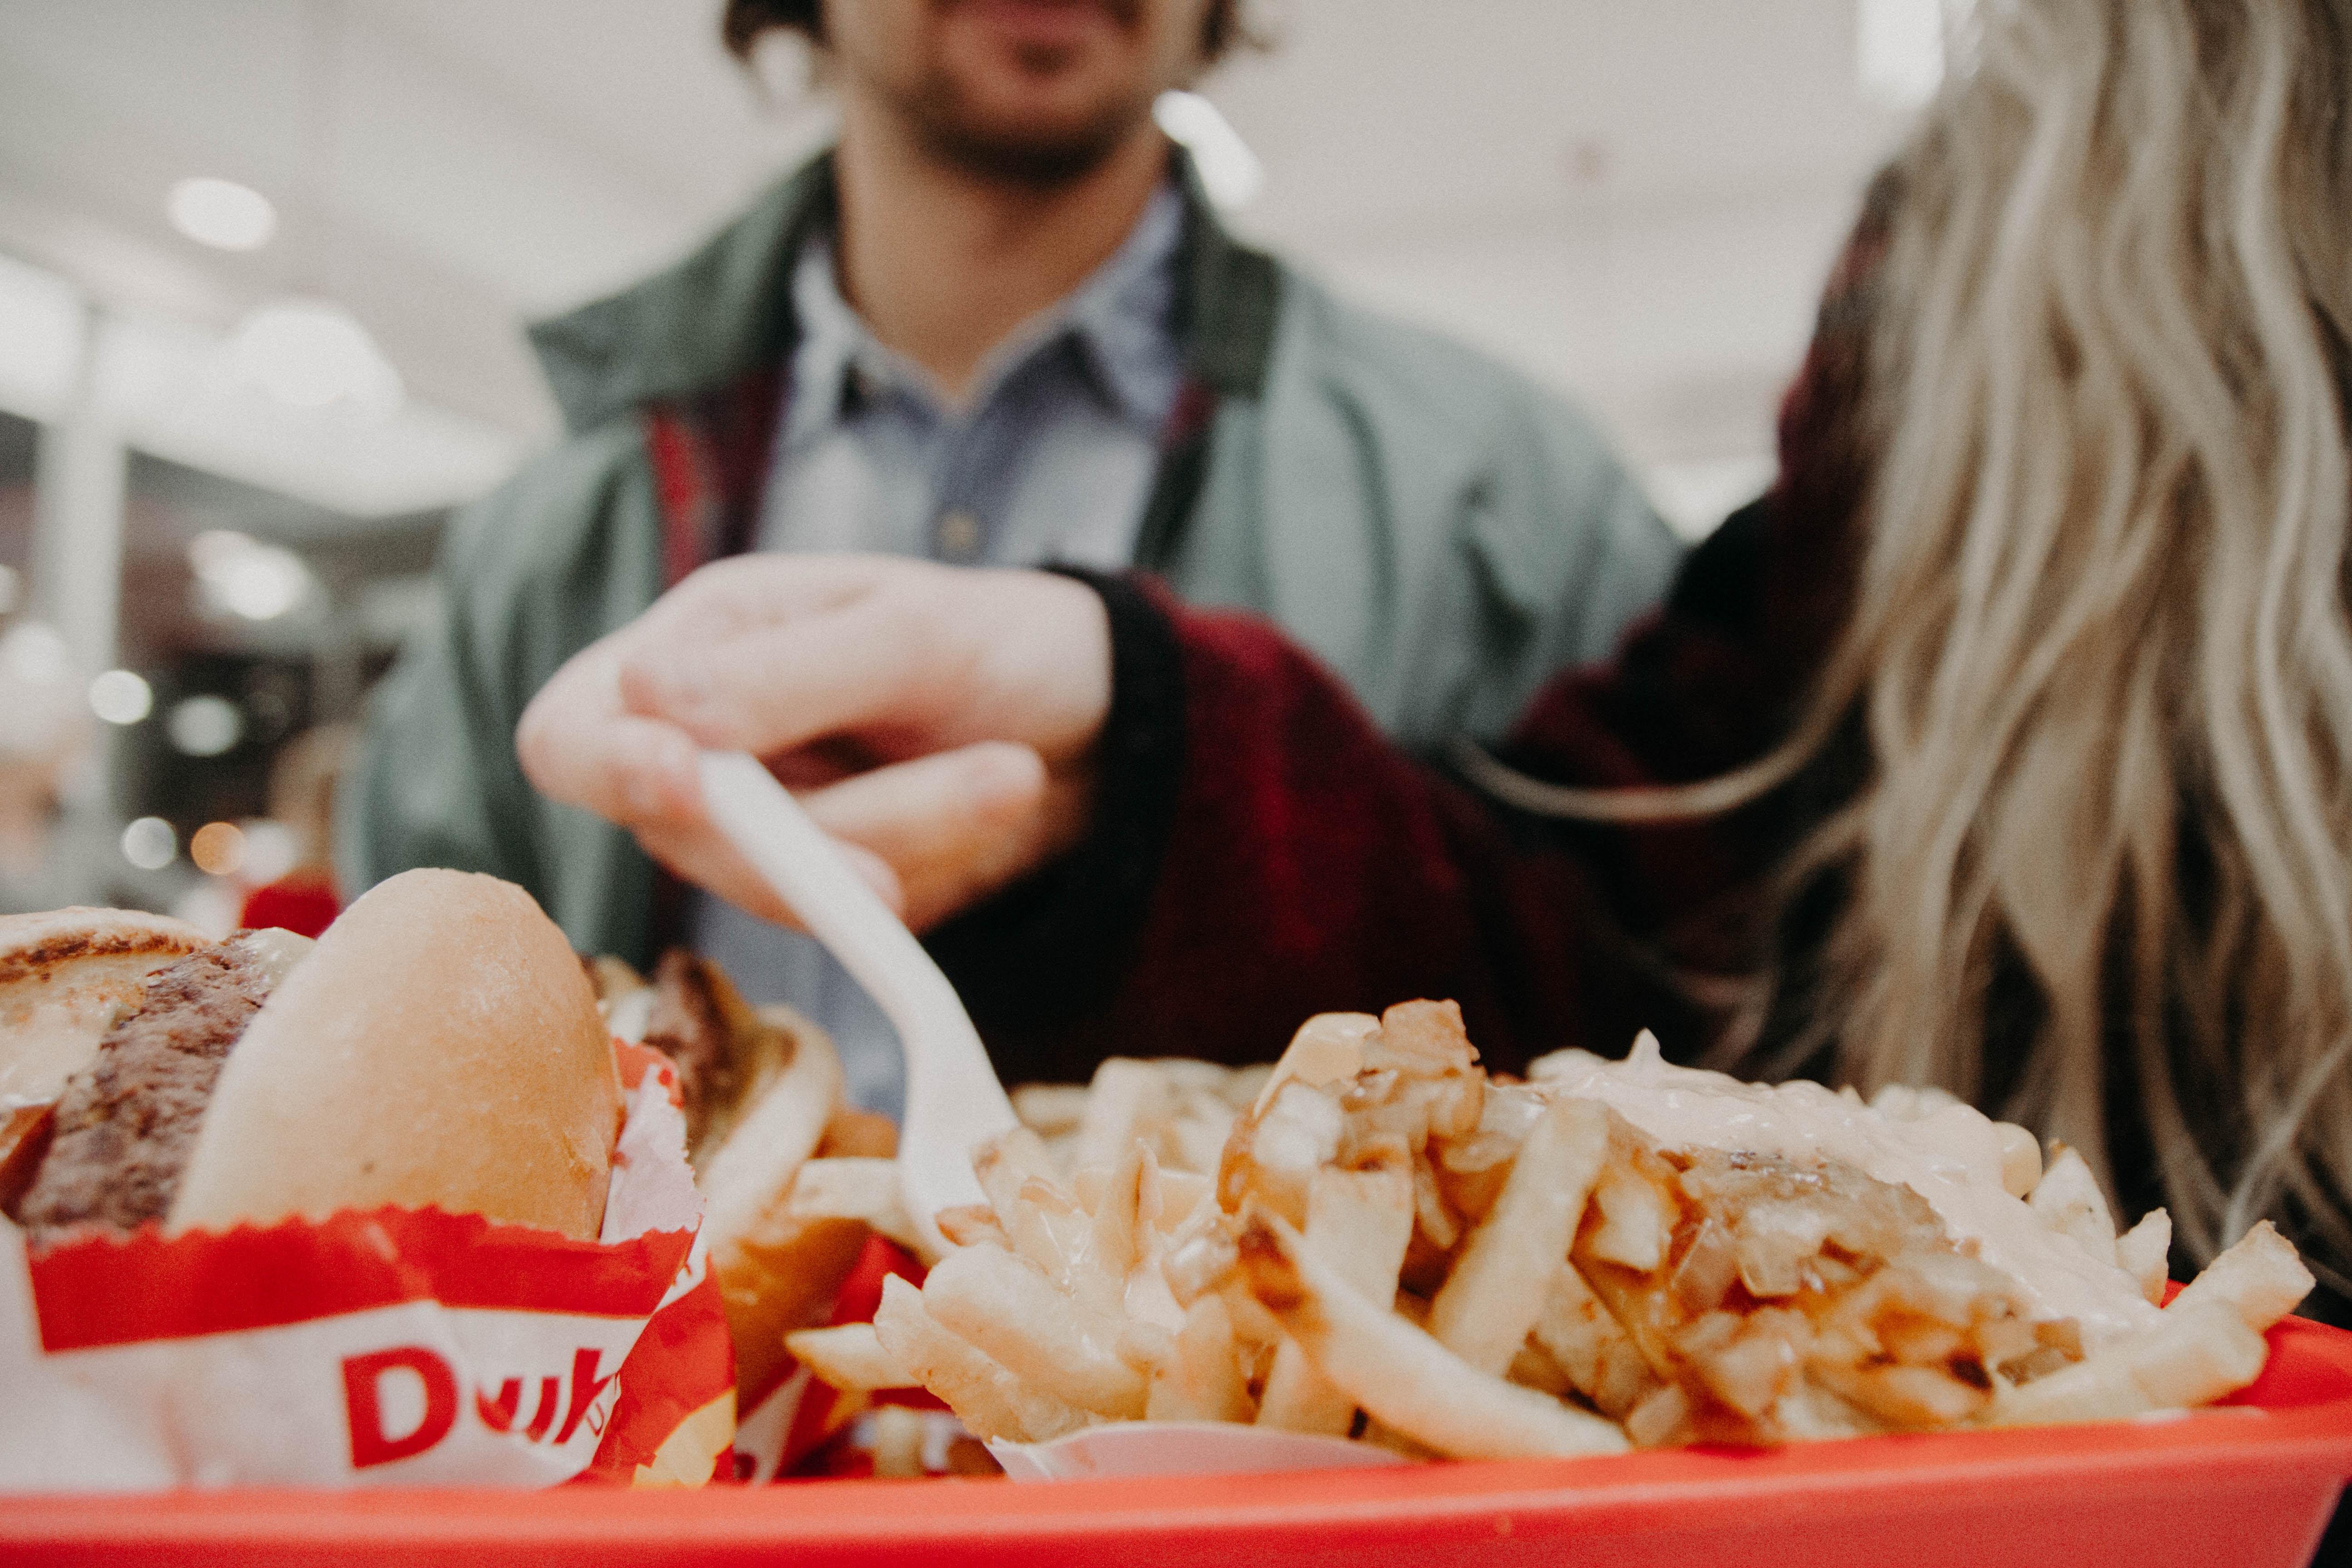 Combating Food Cravings